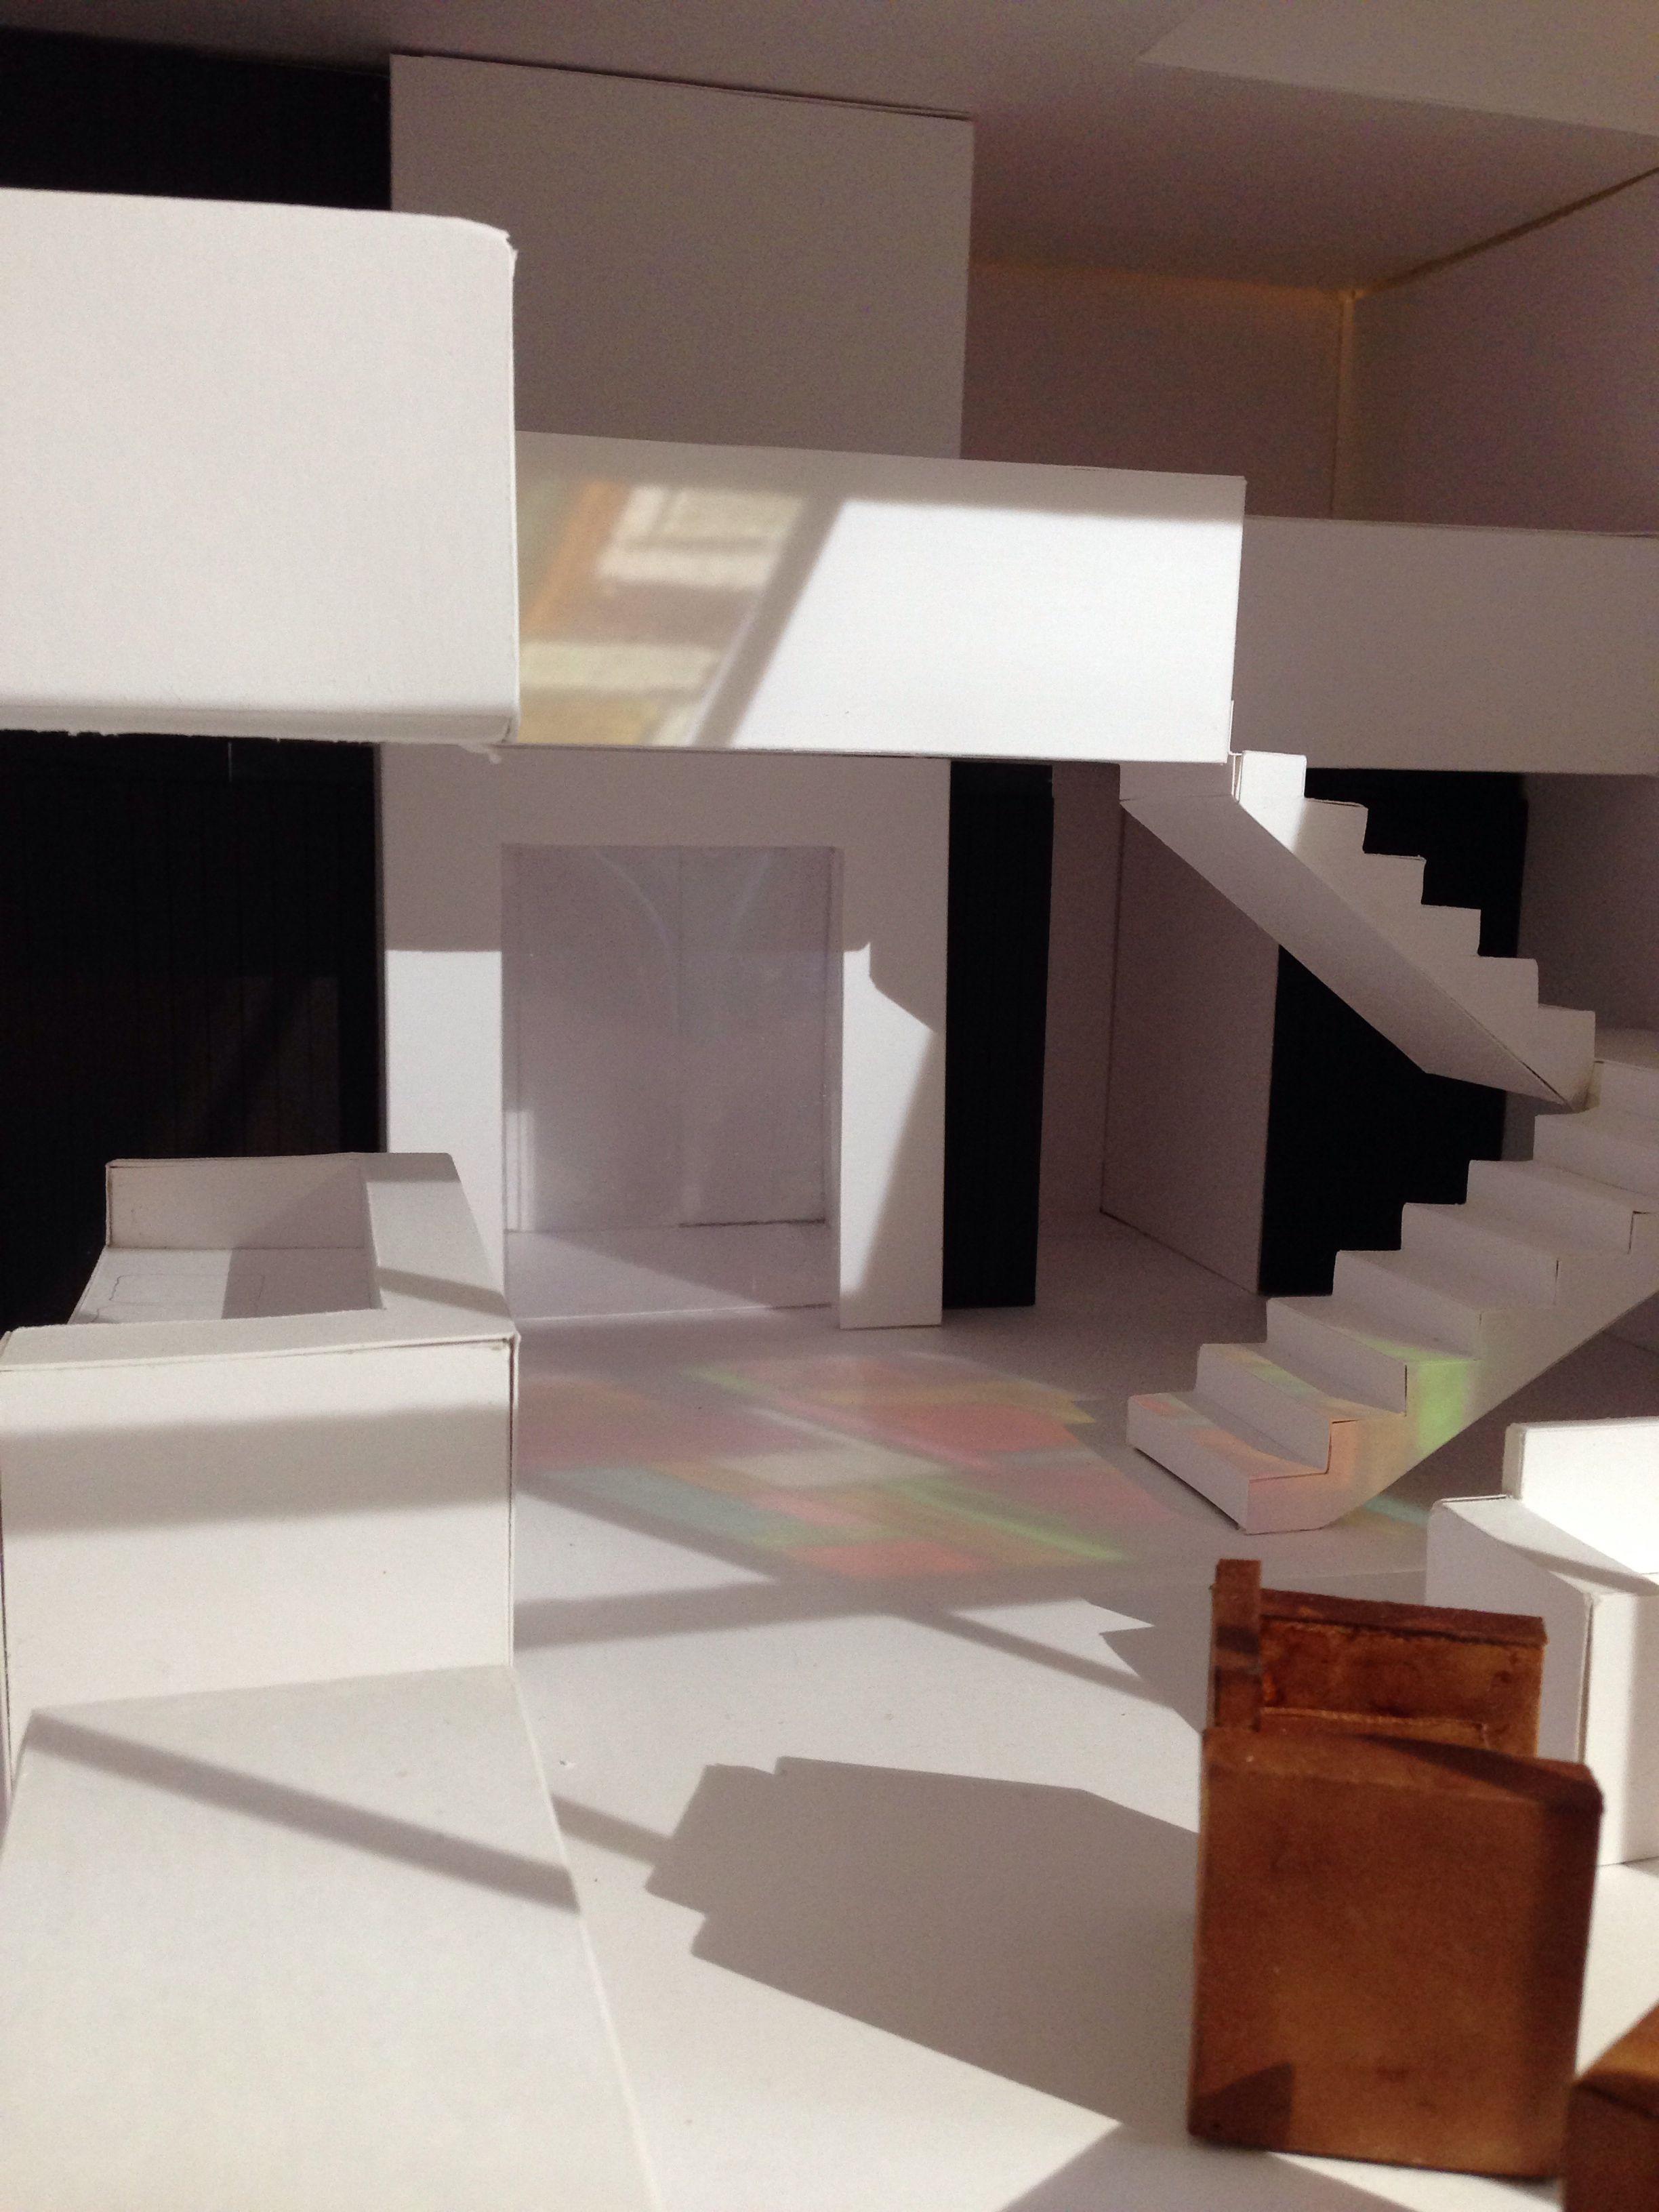 Reflectie van glas-in-lood ramen op interieur. Schaalmodel. Laura ...